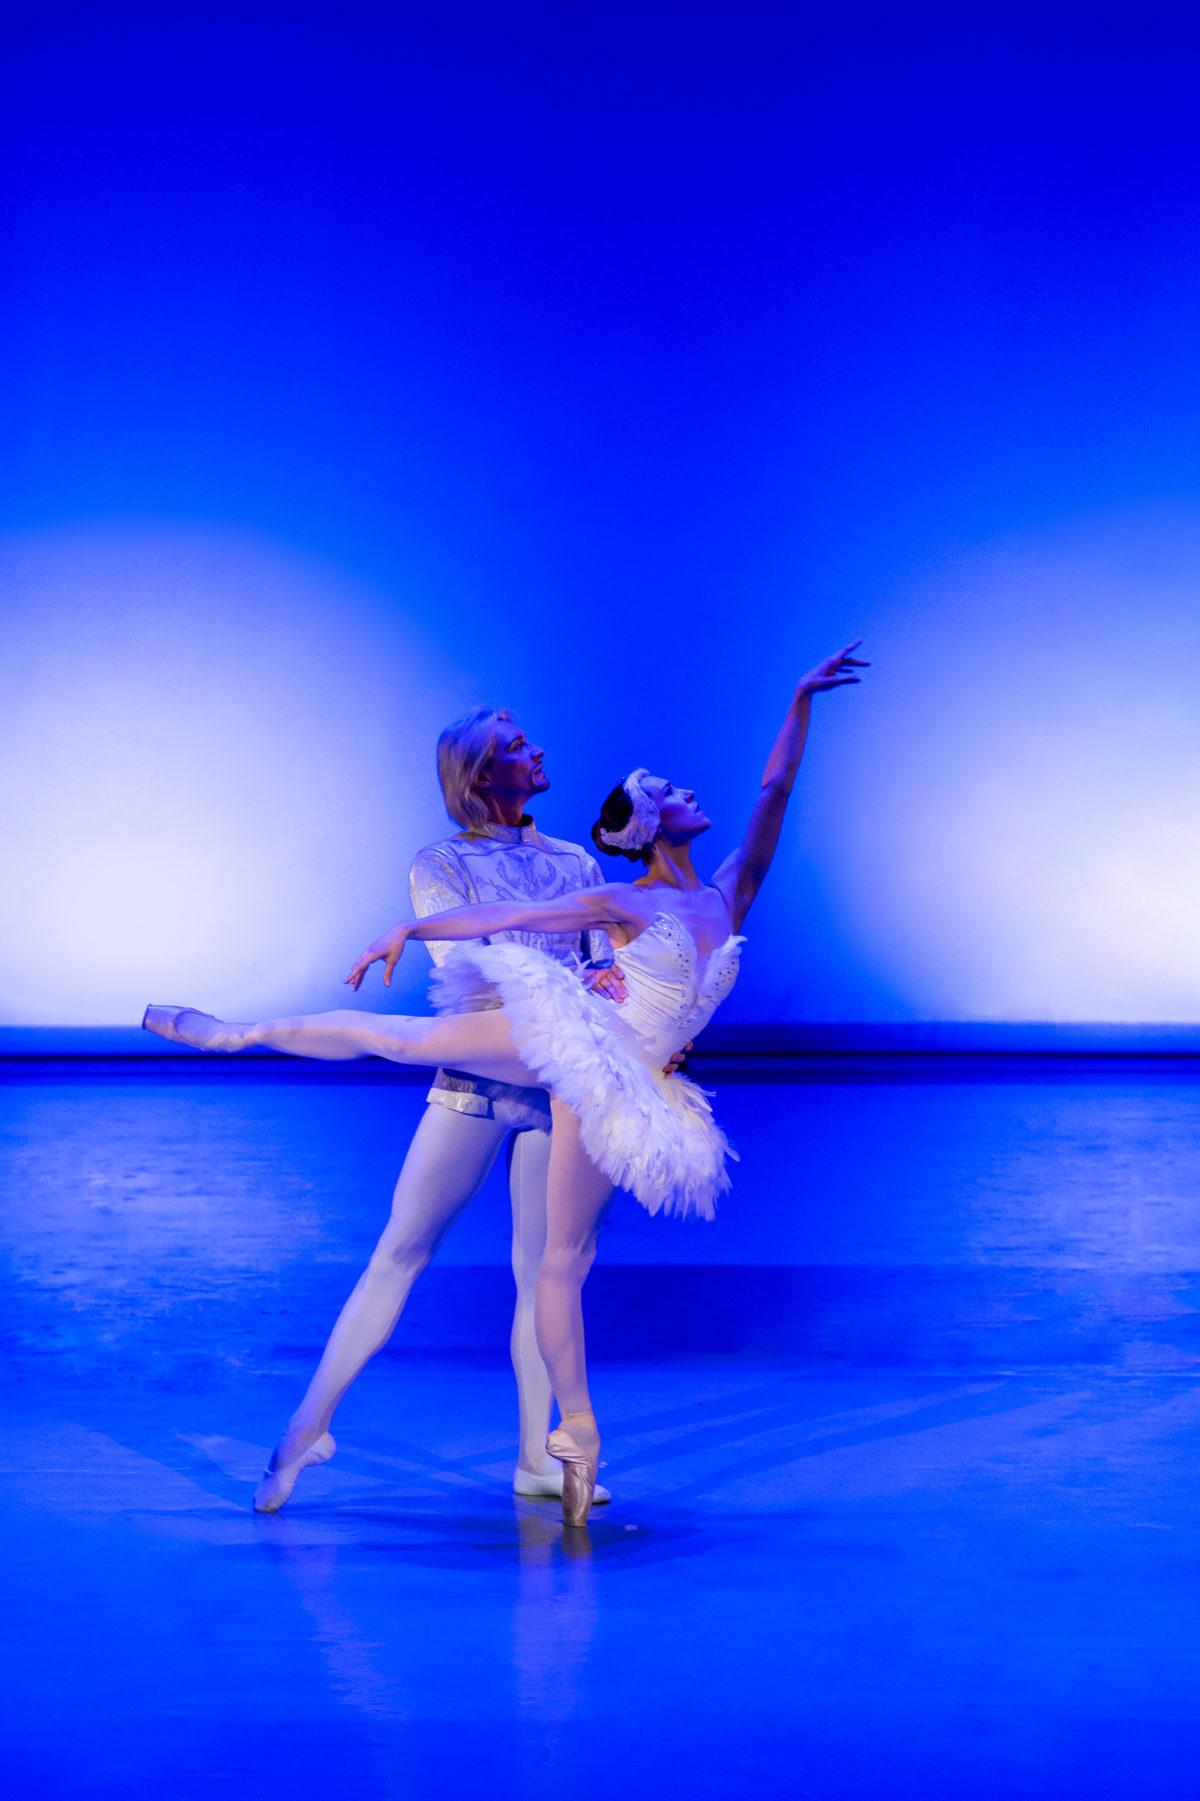 Vstupenka, která pomáhá českému tanci